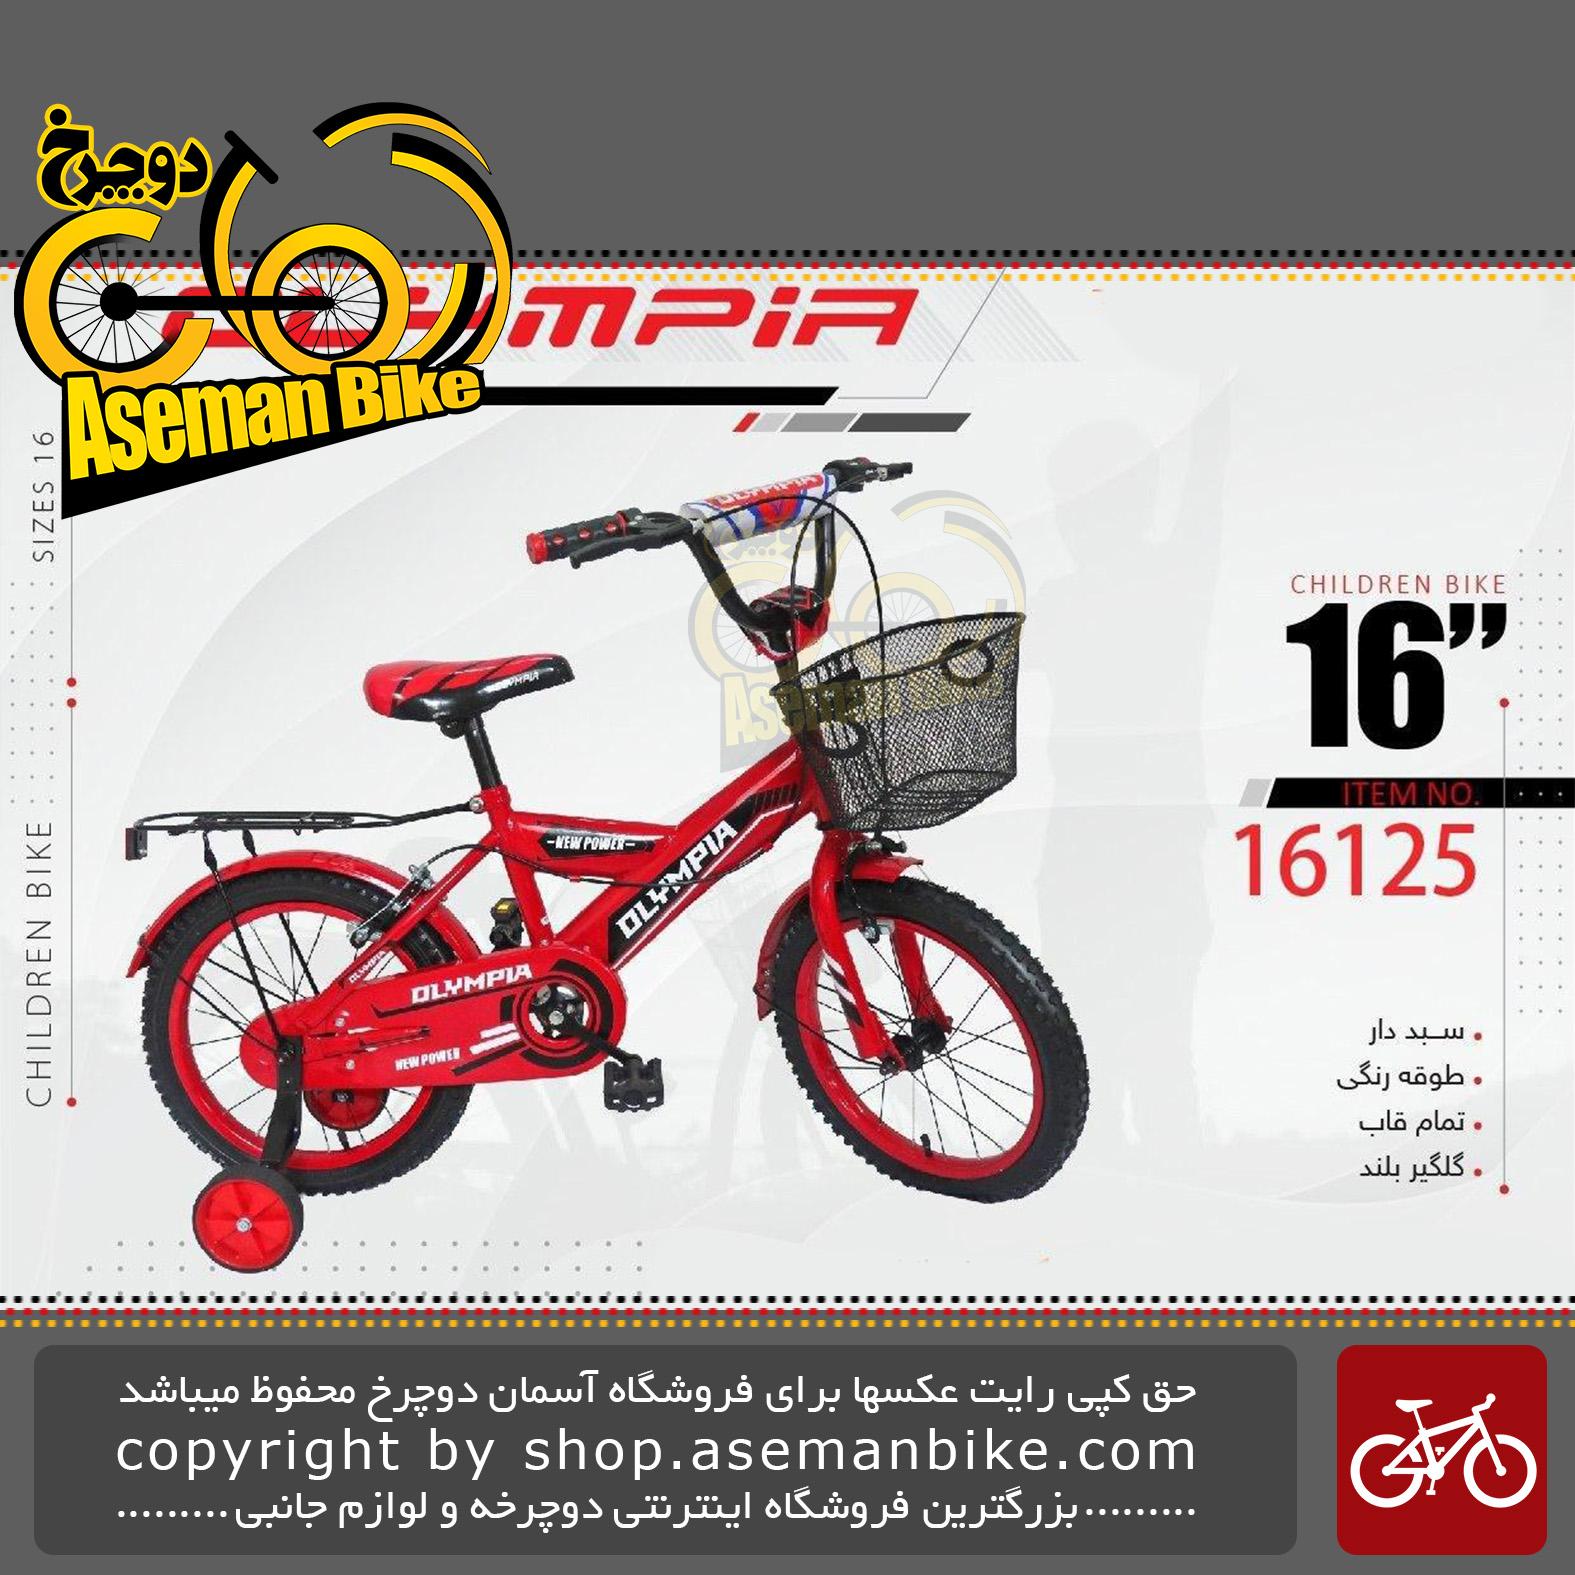 دوچرخه بچگانه المپیا سایز 16 ترکبندار سبد دار مدل 16125 OLYMPIA Bicycle Kids Size 16 Model 16125